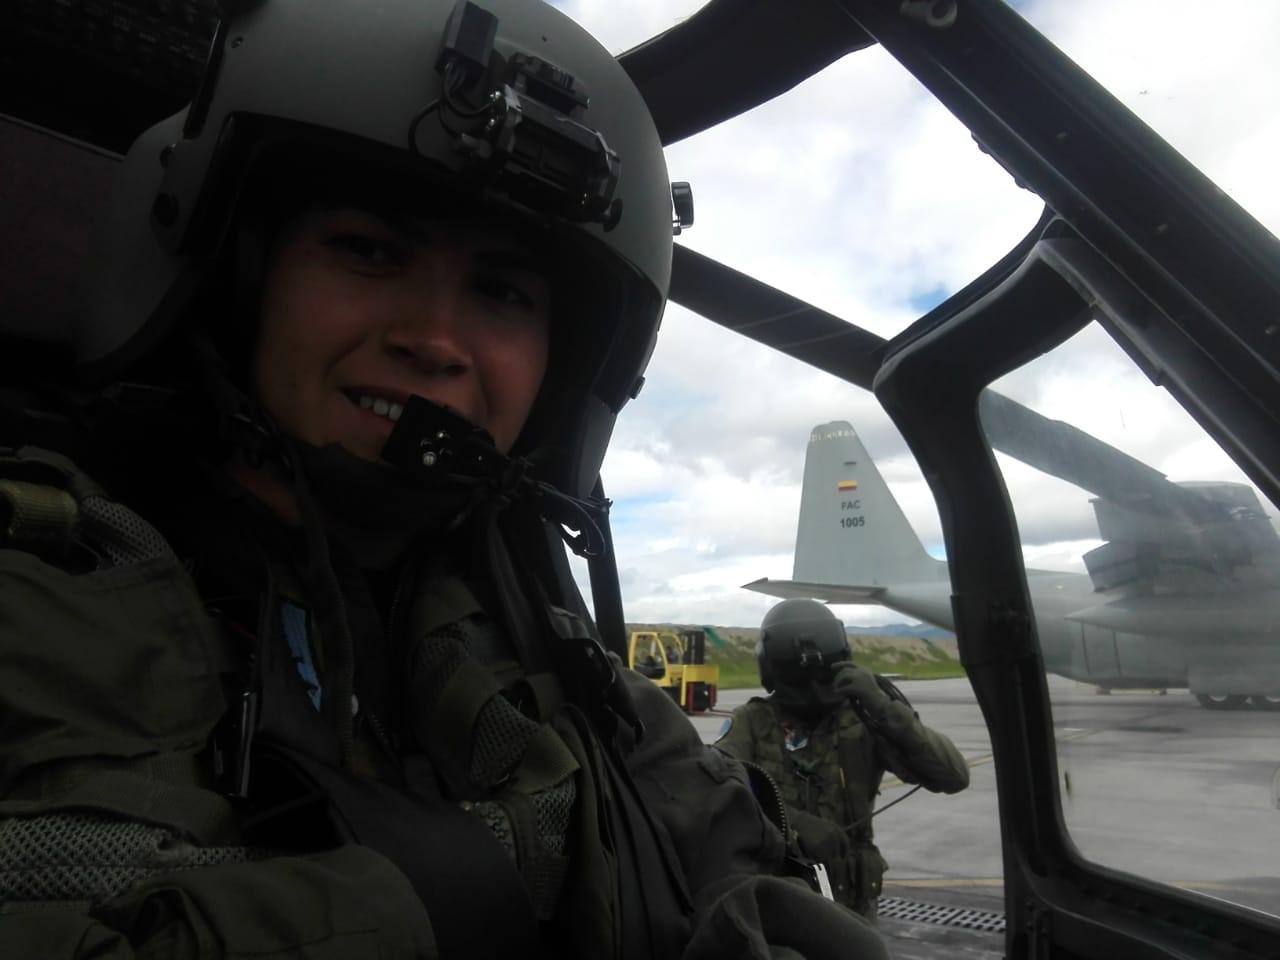 La vida de Hernández, una mujer piloto en Colombia: